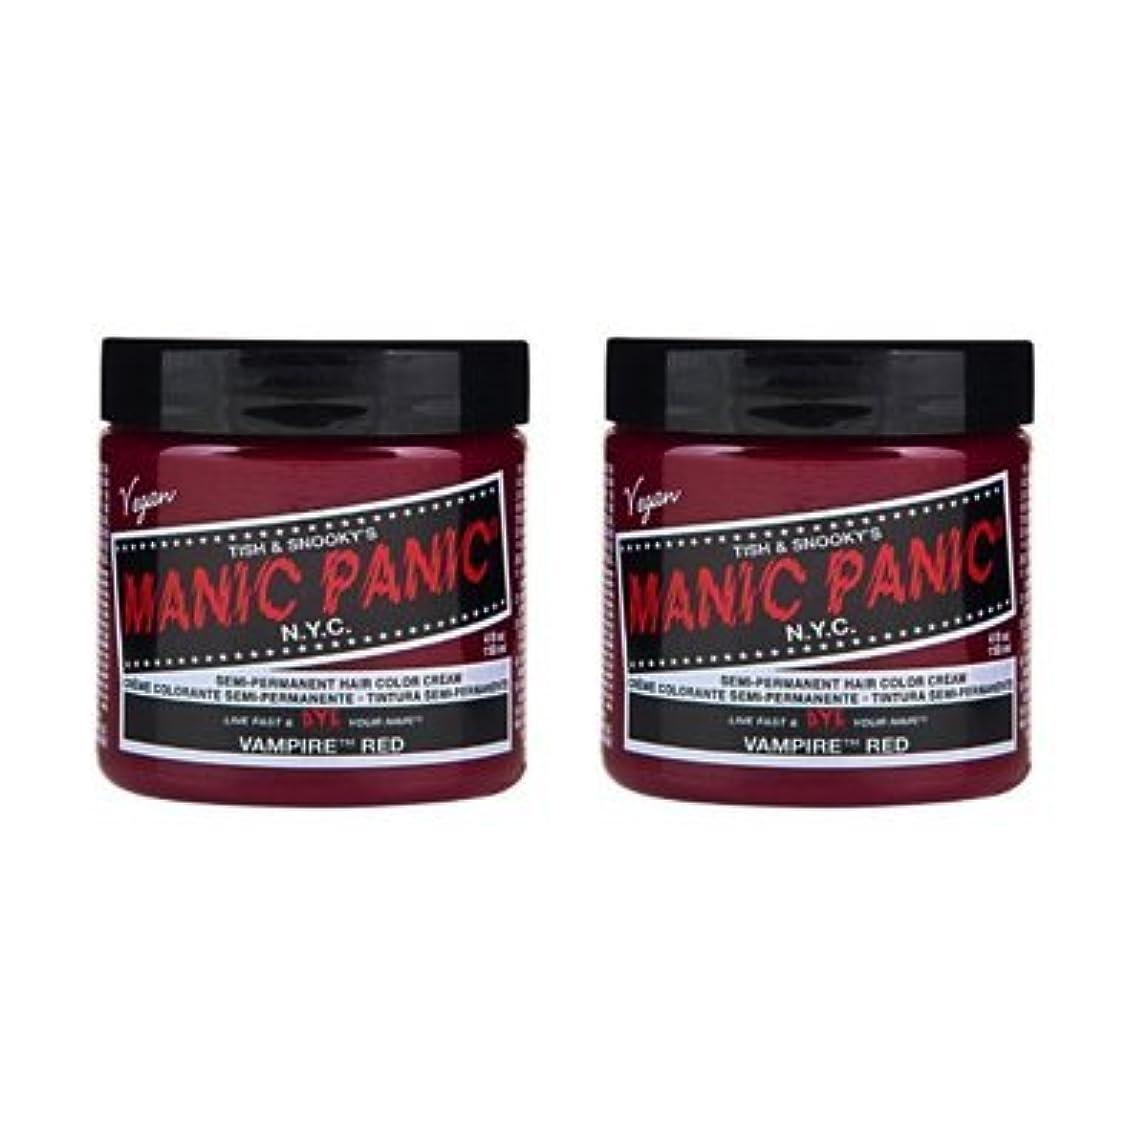 昨日ギャラントリーマイクロプロセッサ【2個セット】MANIC PANIC マニックパニック Vampire Red (ヴァンパイア?レッド) 118ml